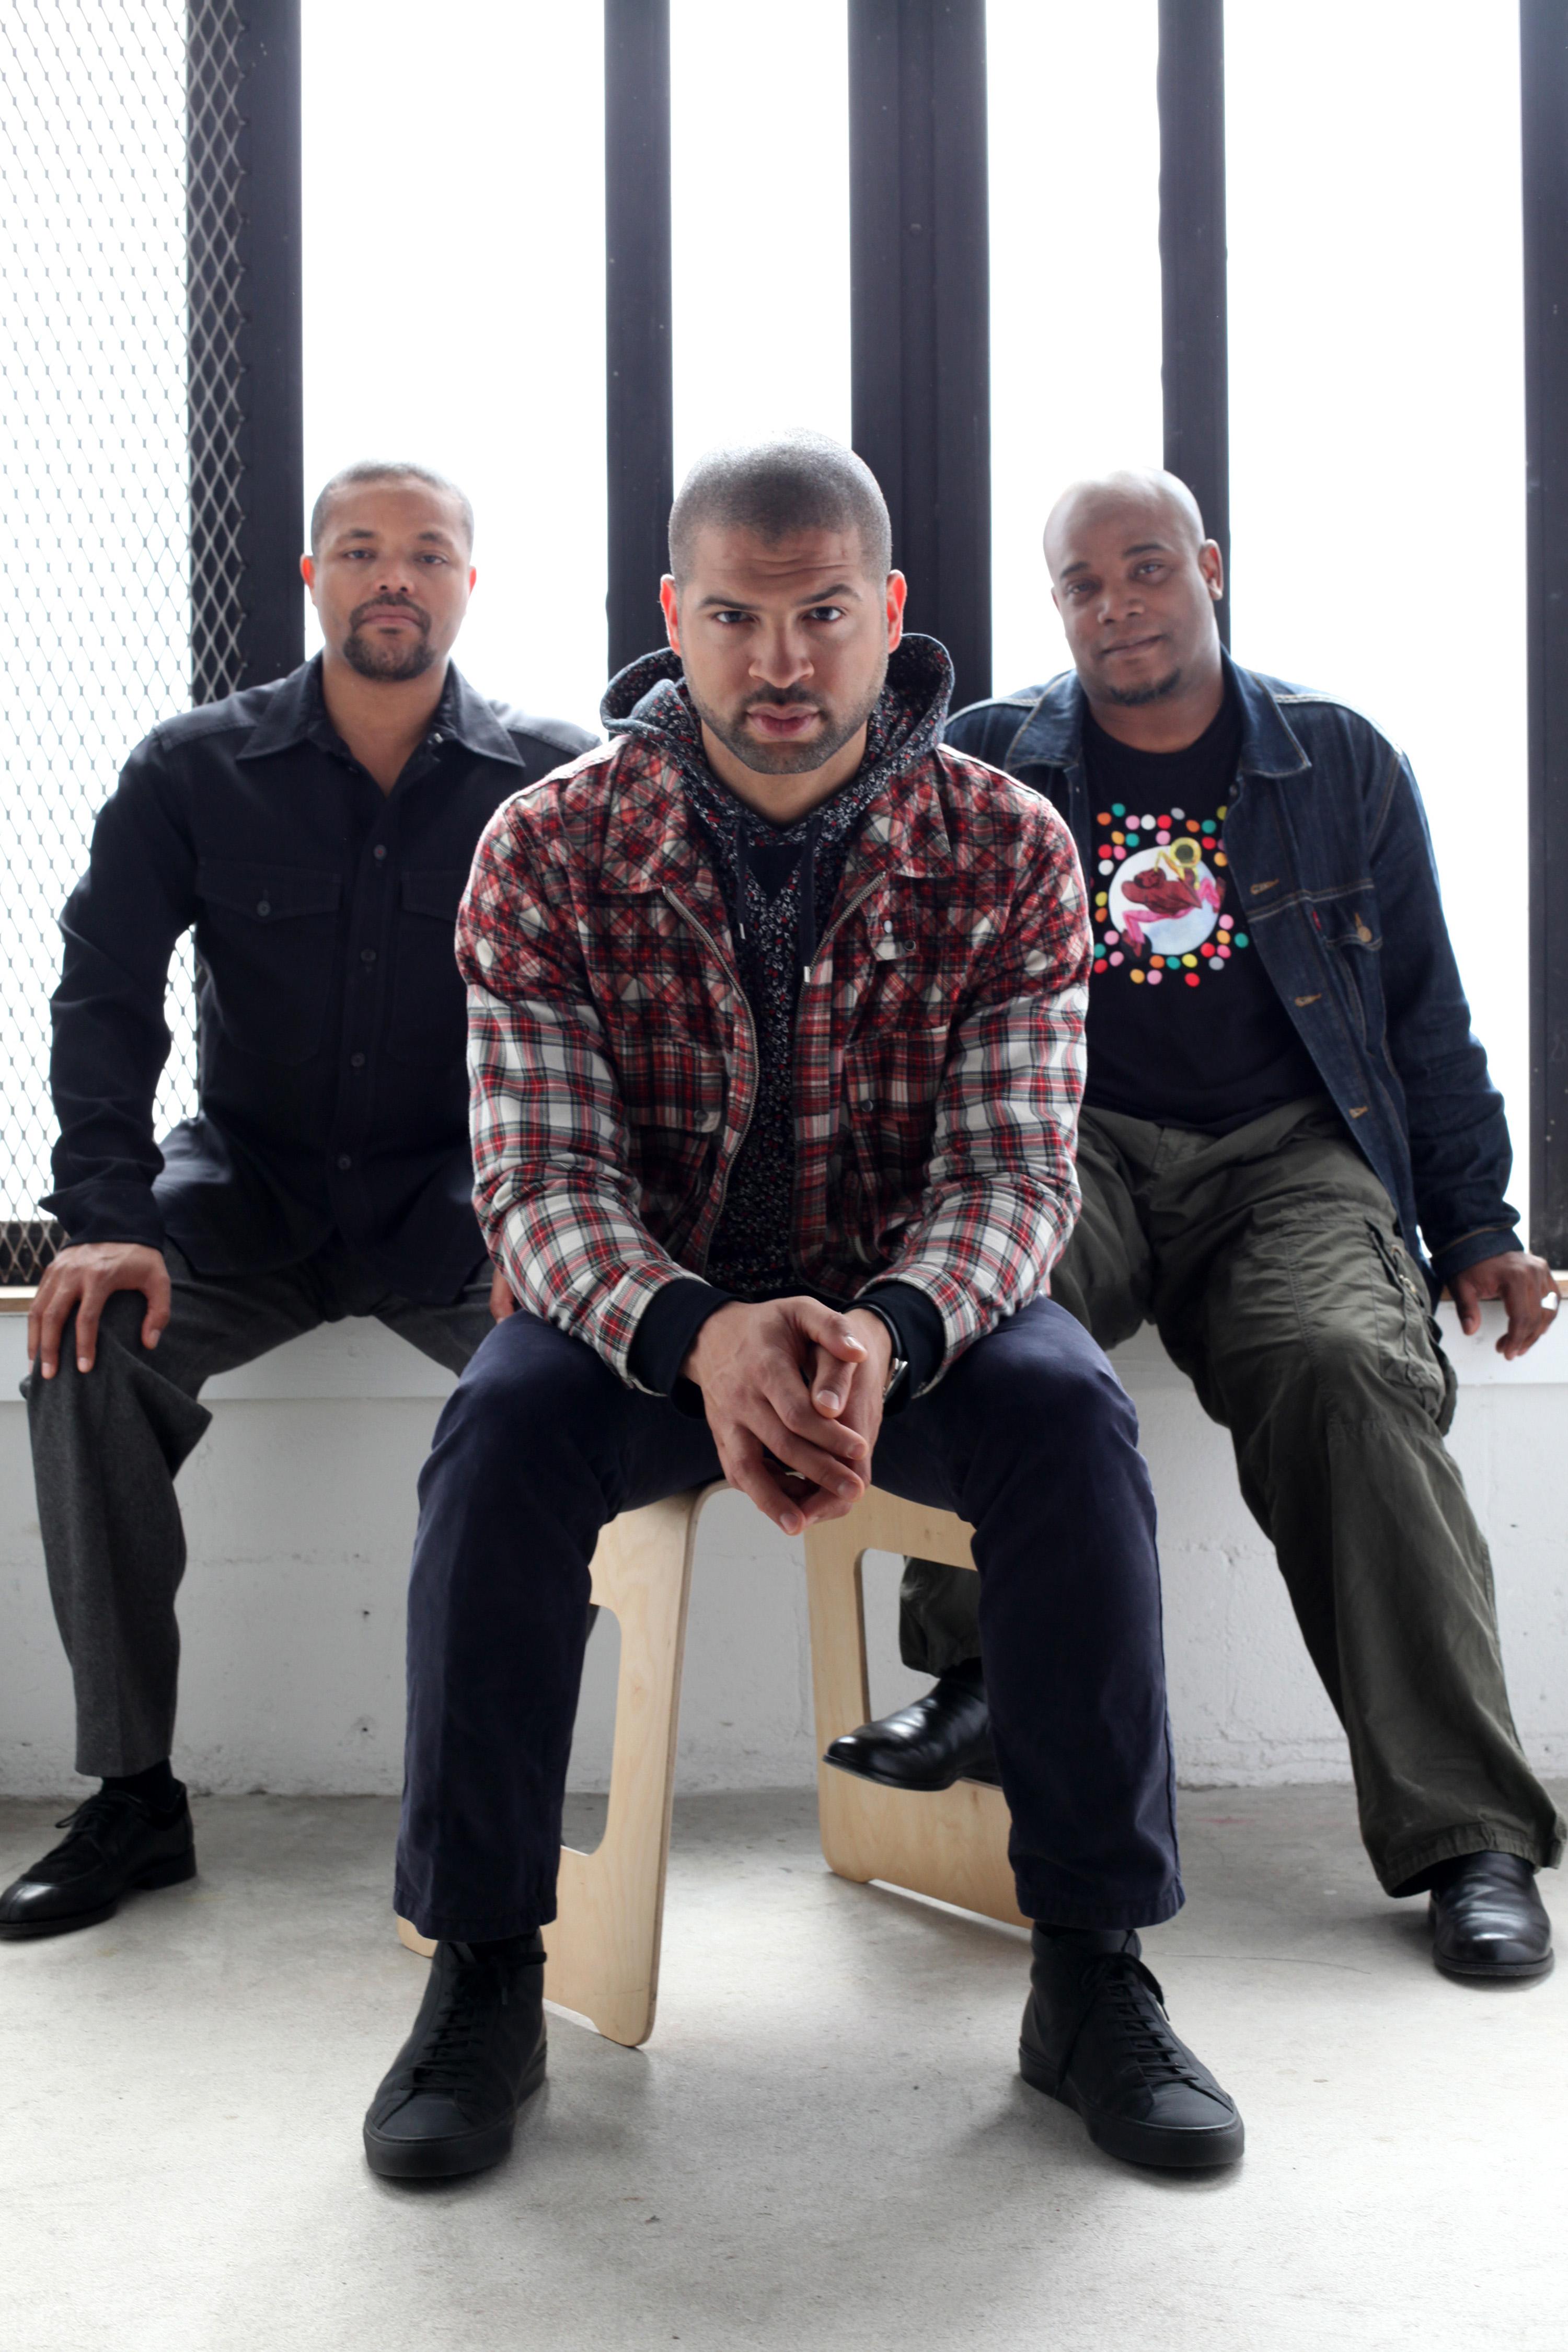 Bandwagon Trio - Photo Credit: Clay Patrick McBride